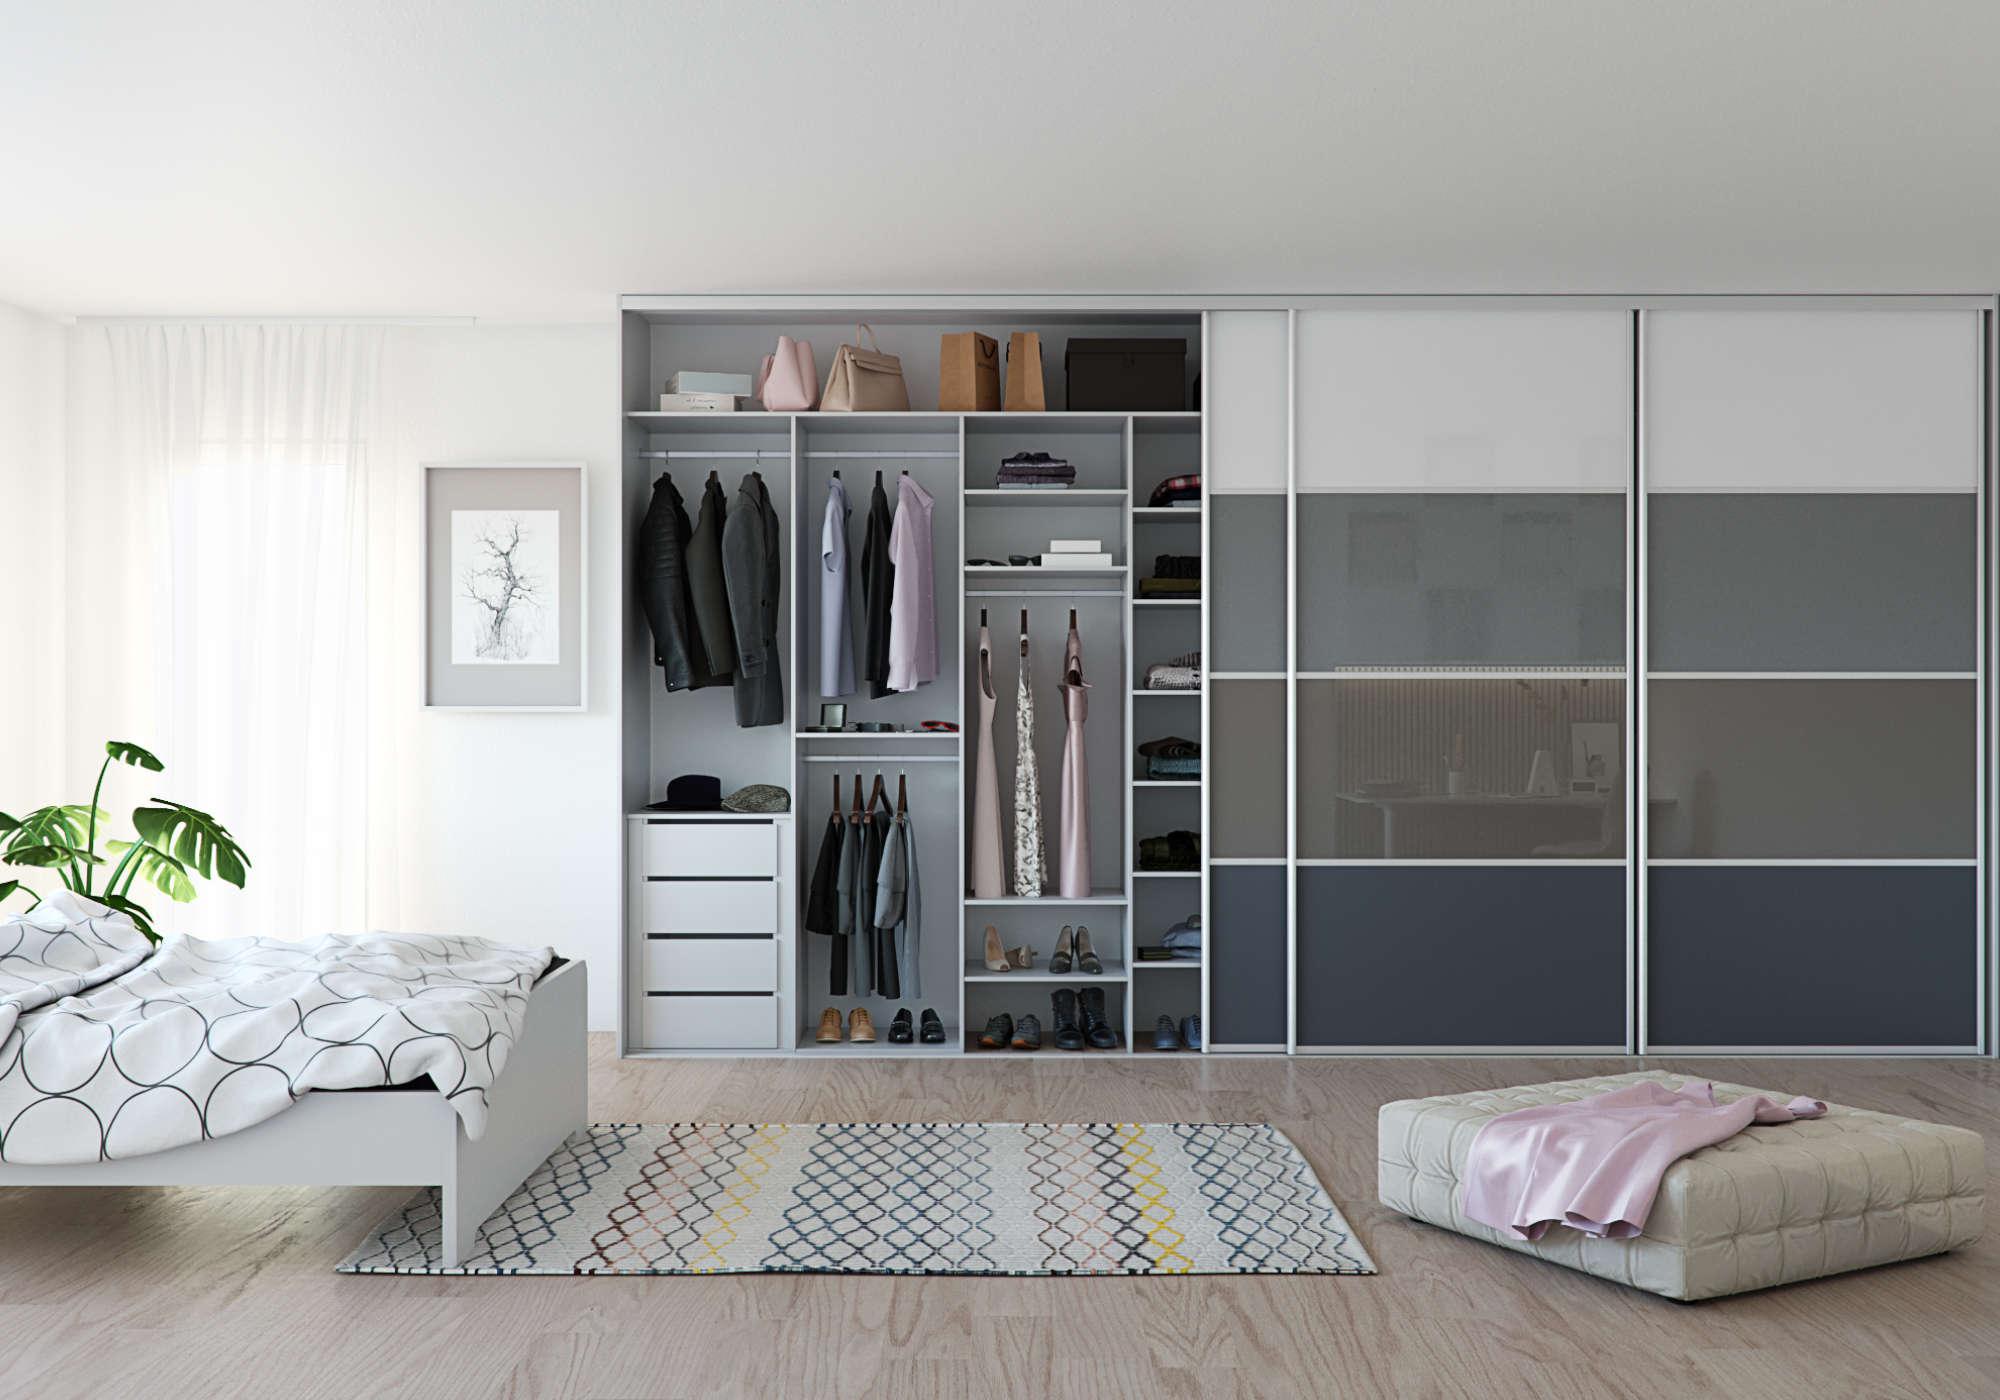 Nejpraktičtějším úložným prostorem jsou vestavěné skříně, které mají posuvné dveře